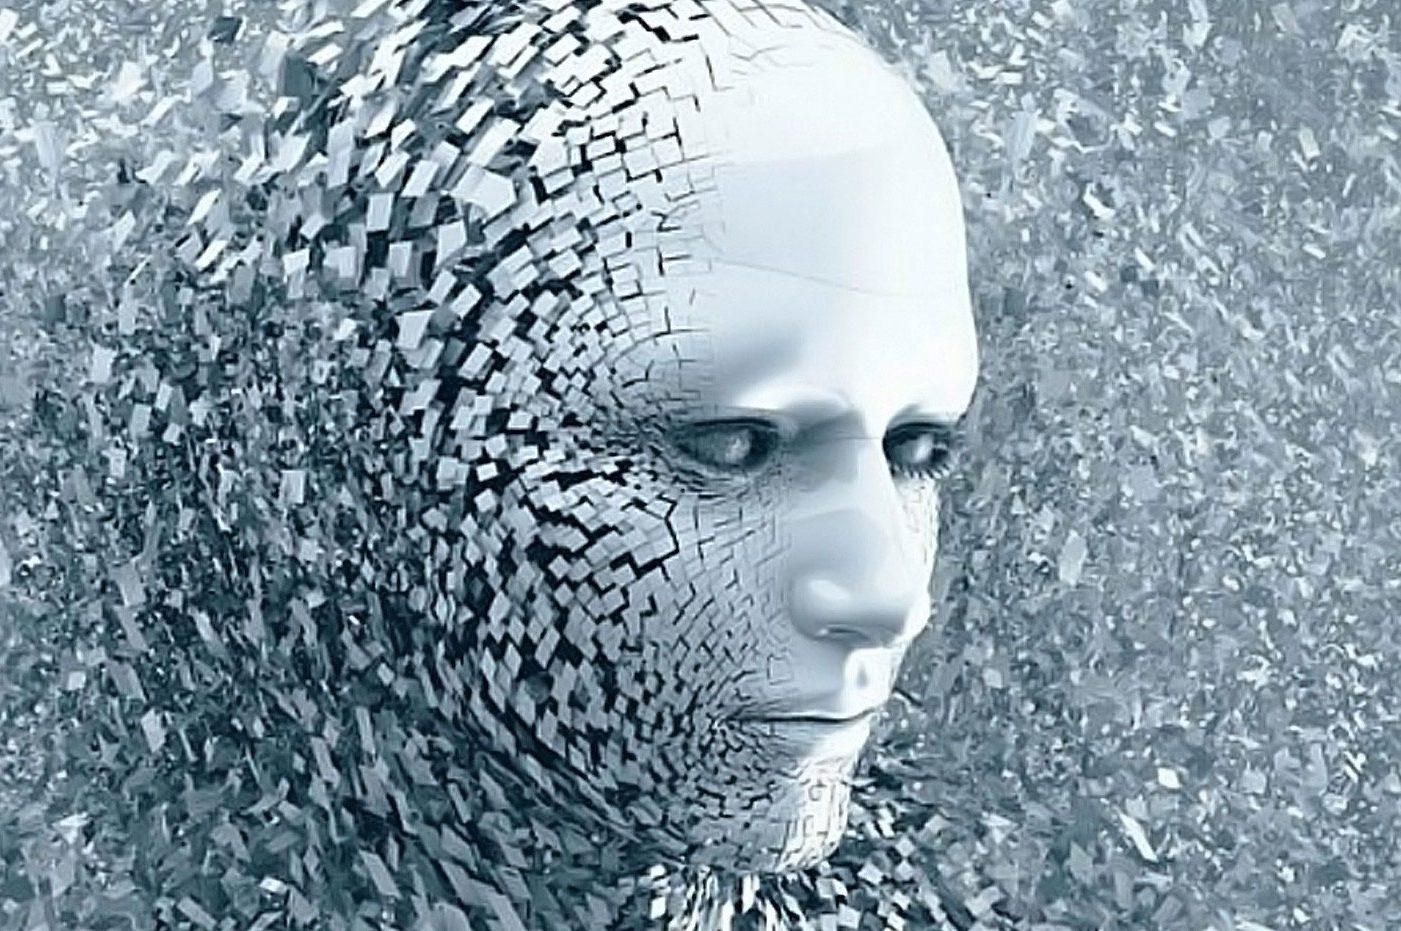 L'intelligence artificielle en débat